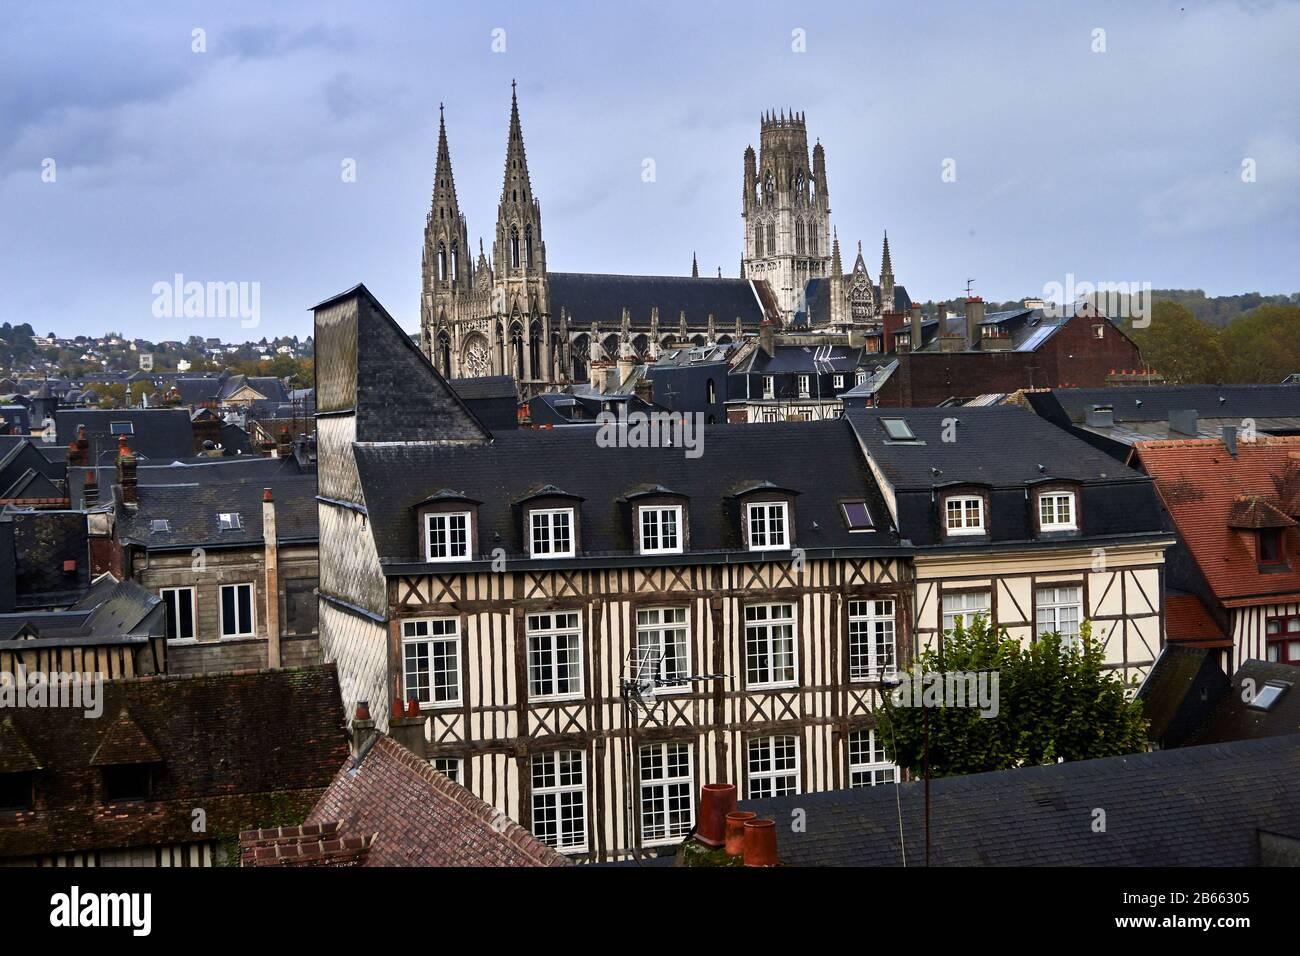 La cathédrale de Rouen, connue sous le nom de notre-Dame de l'Assomption de Rouen, est une église catholique romaine , la magnifique cathédrale gothique de Rouen a la plus haute flèche d'église de France et une richesse d'art, d'histoire et de queues de architecture Banque D'Images